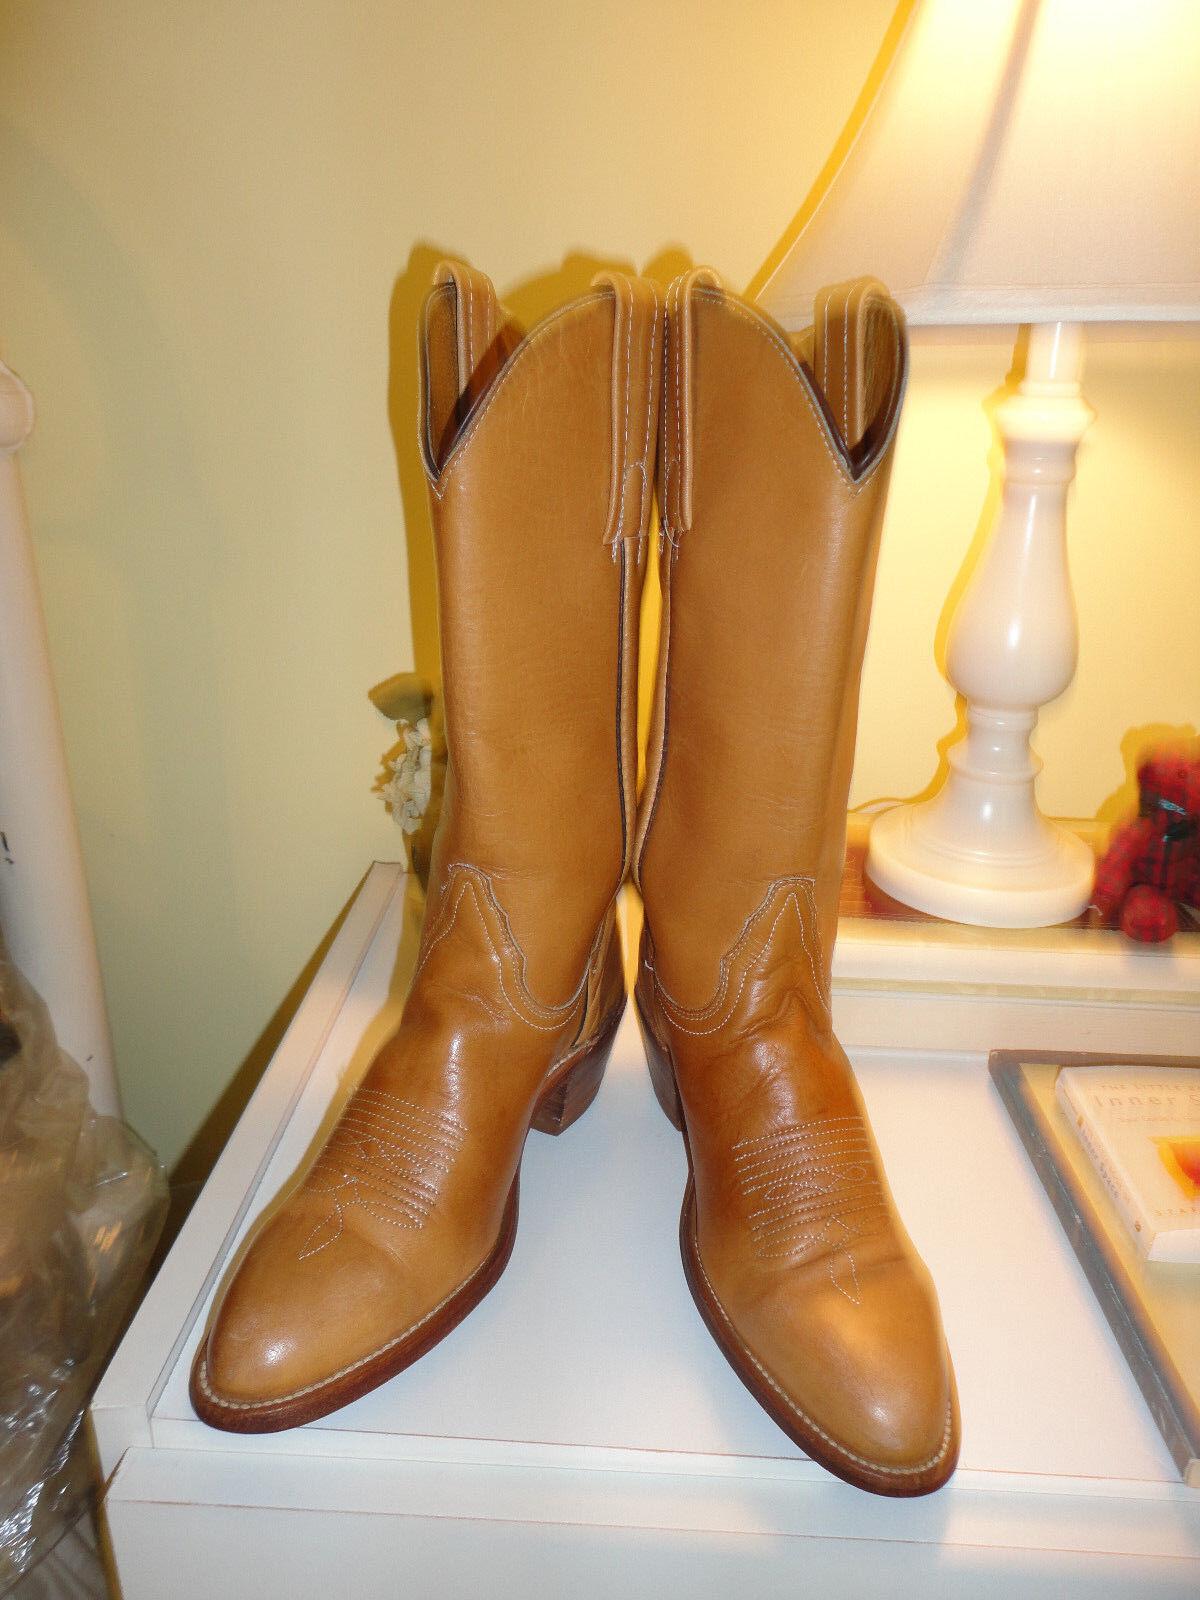 Frye British Tan Lady's Leder Cowboy Stiefel 5 1/2 B